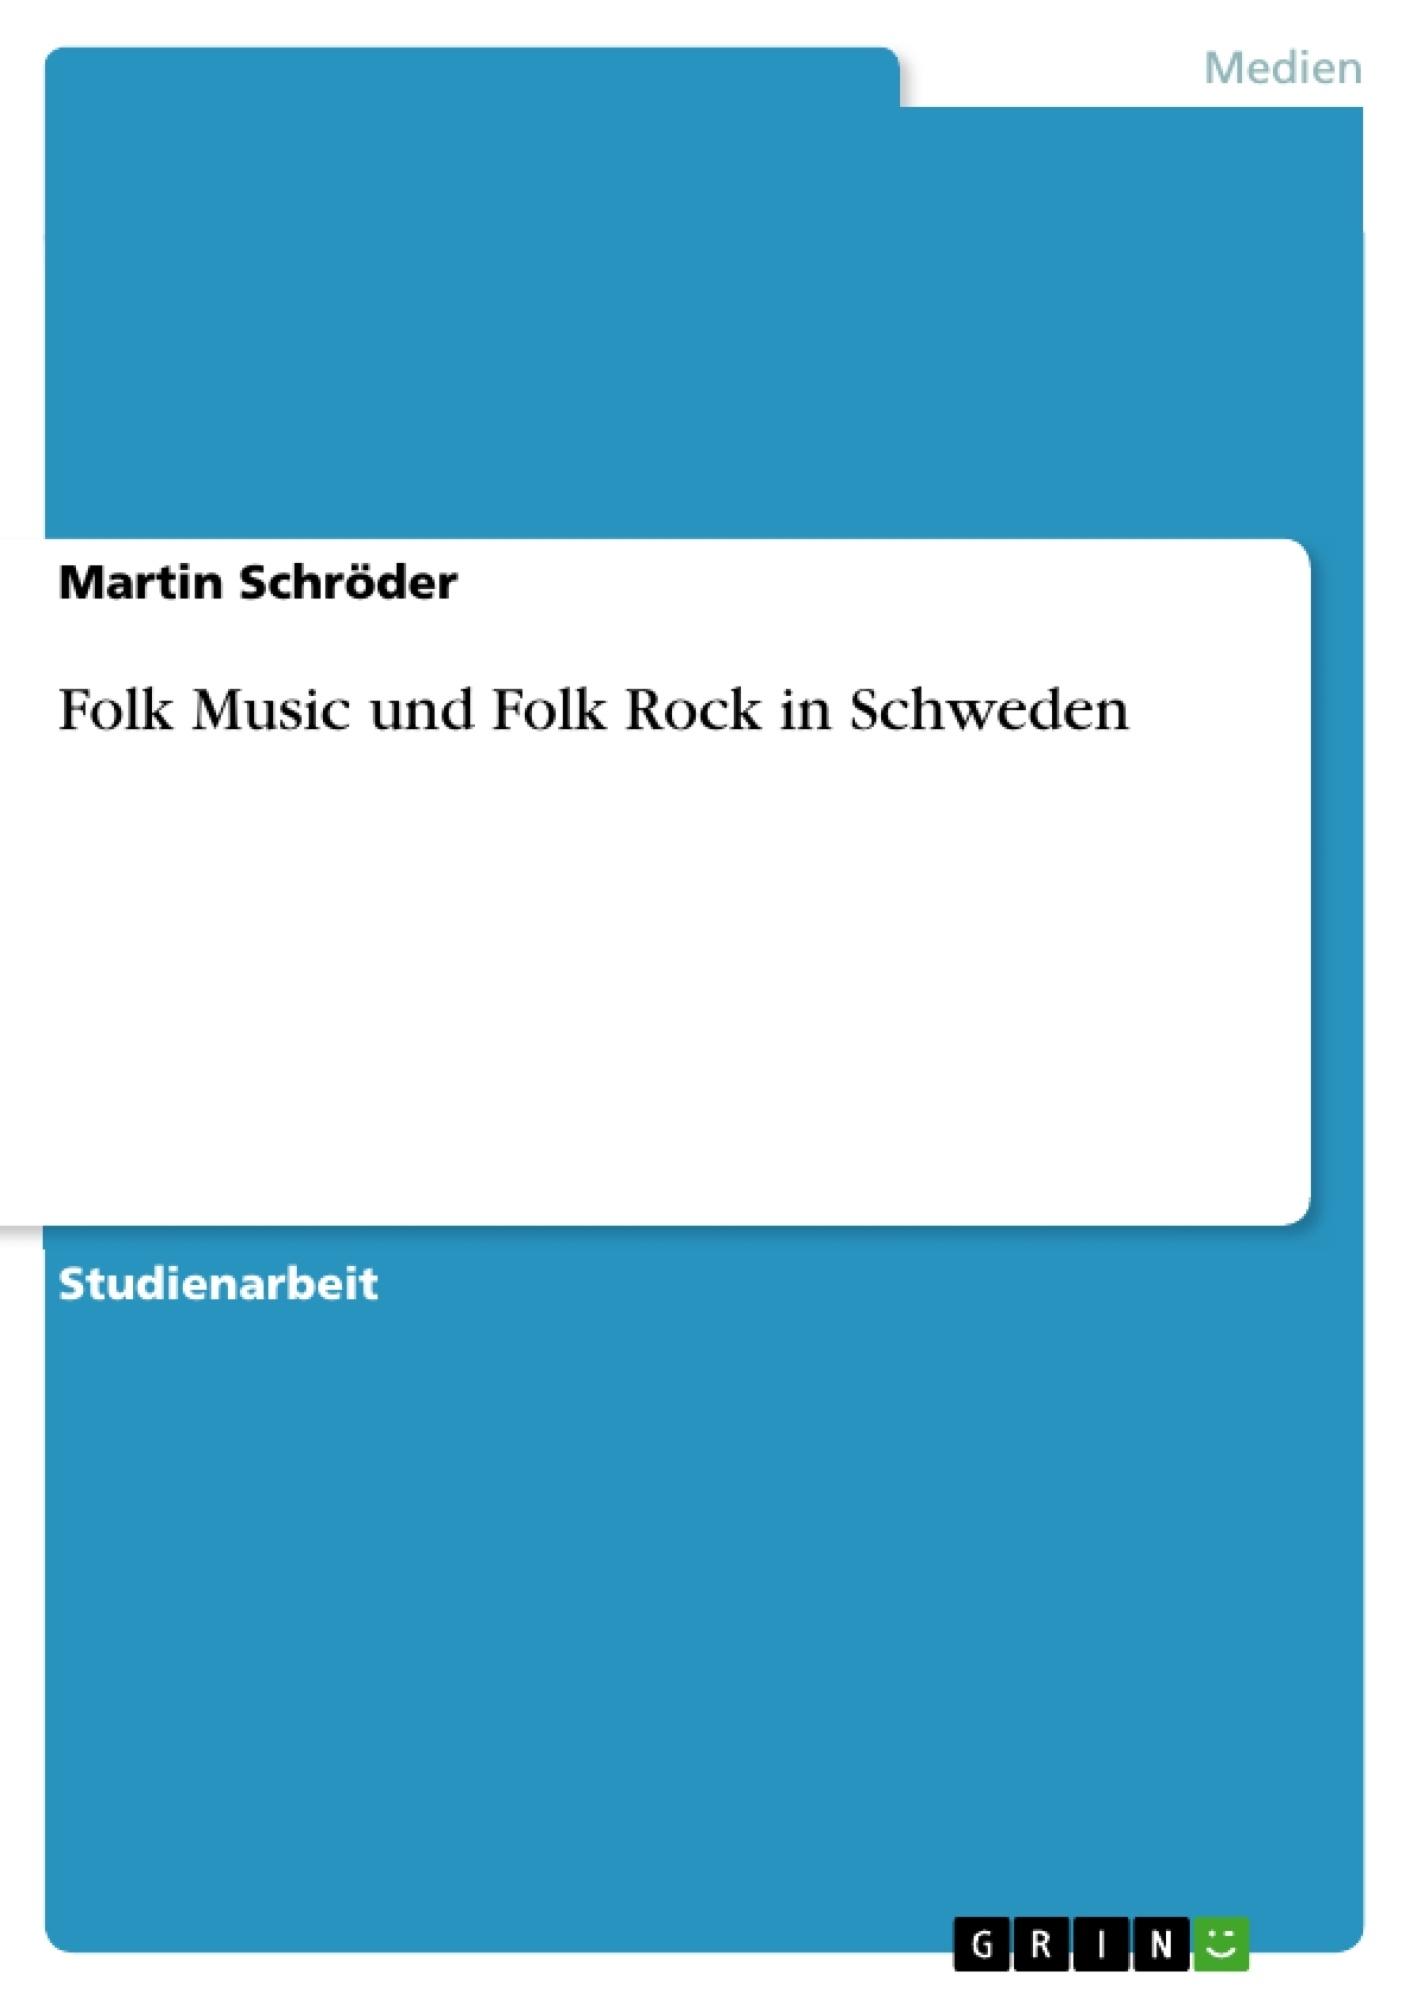 Titel: Folk Music und Folk Rock in Schweden